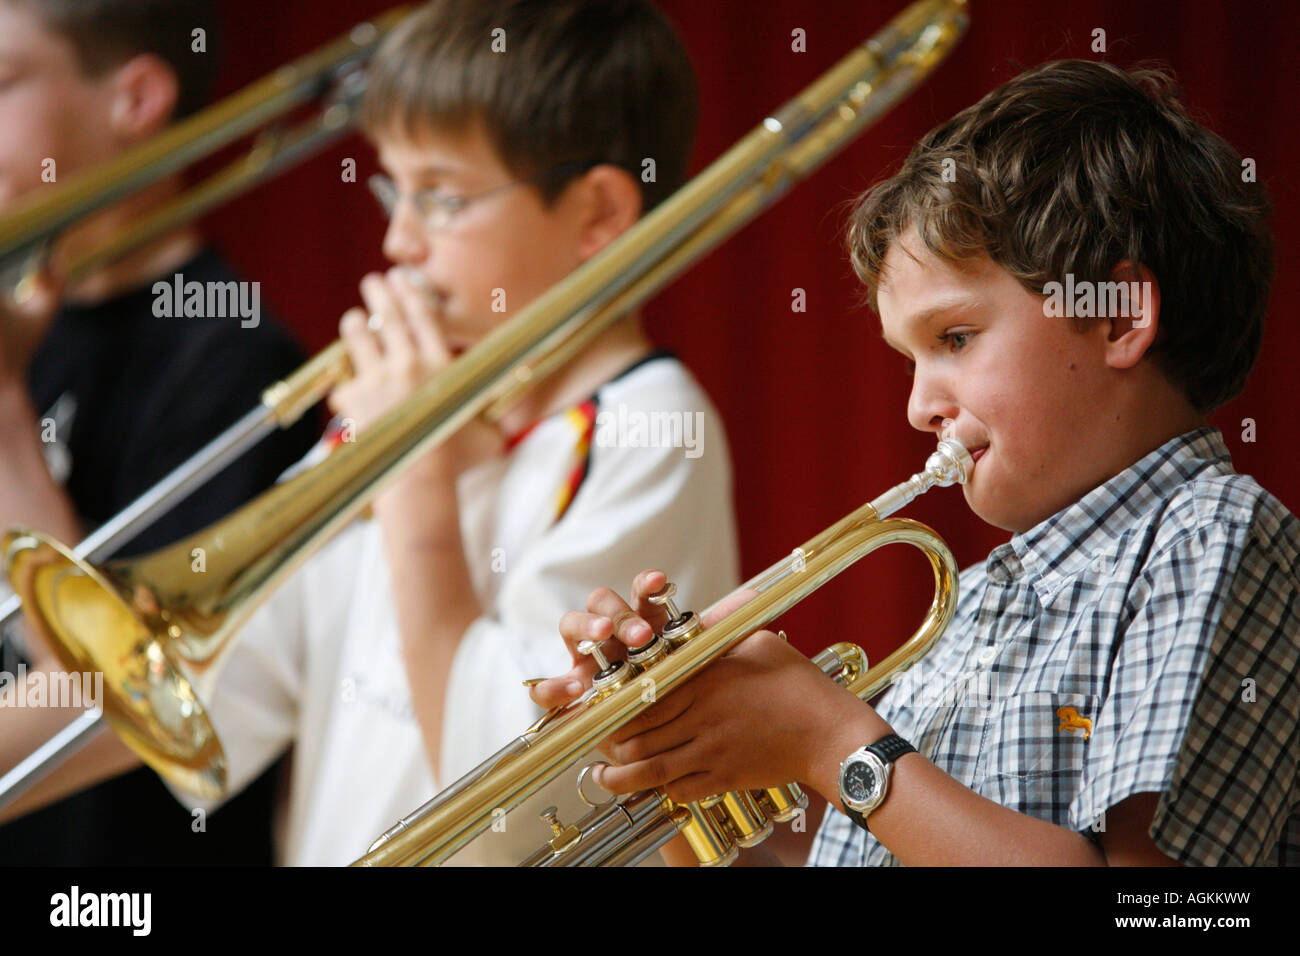 Los niños haciendo música Imagen De Stock